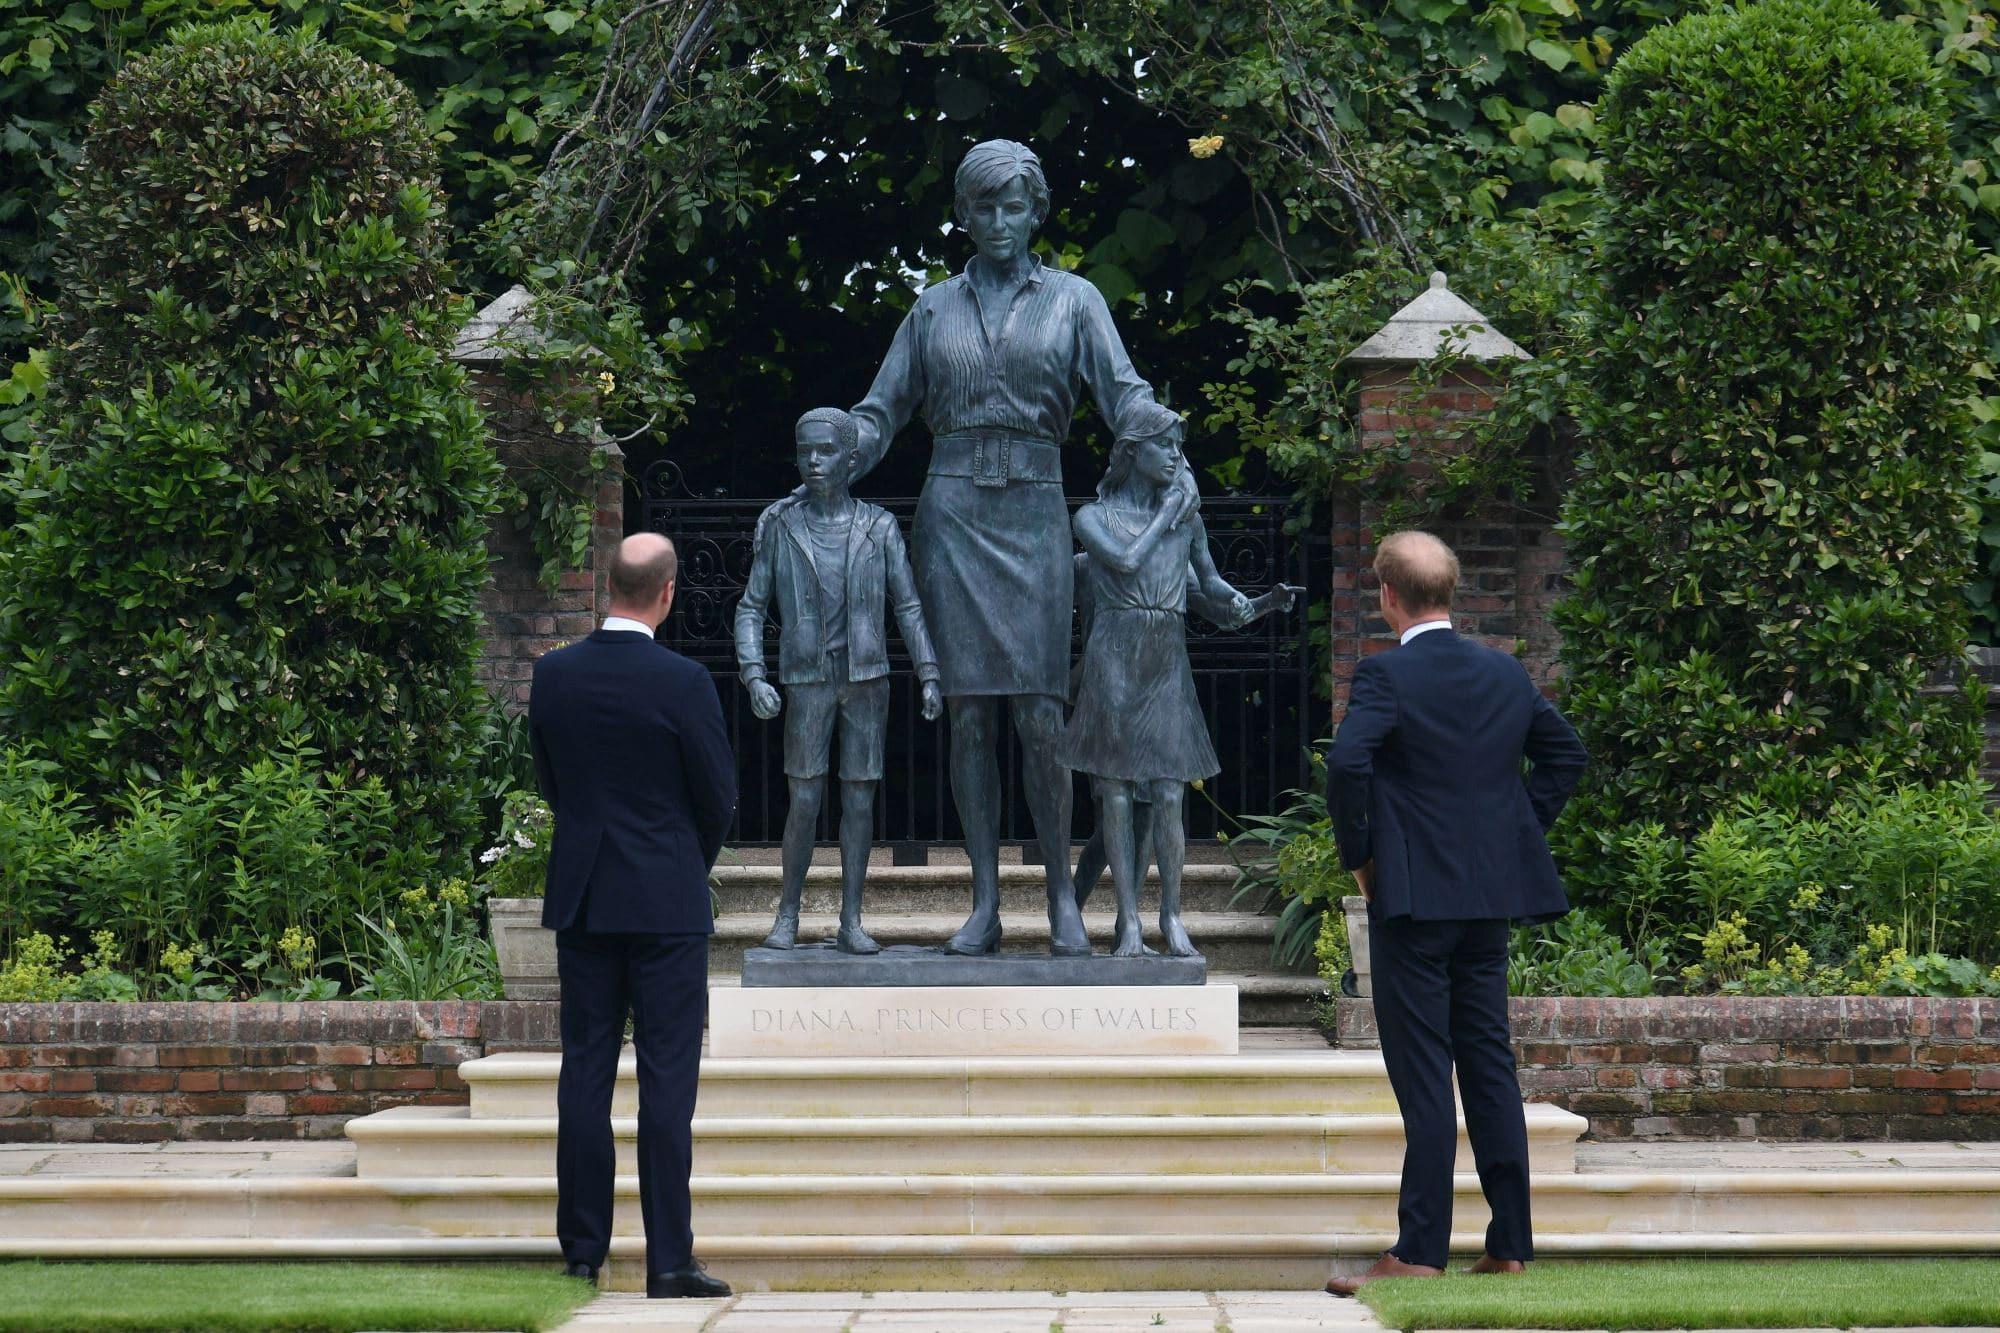 Princové William a Harry před sochou princezny Diany